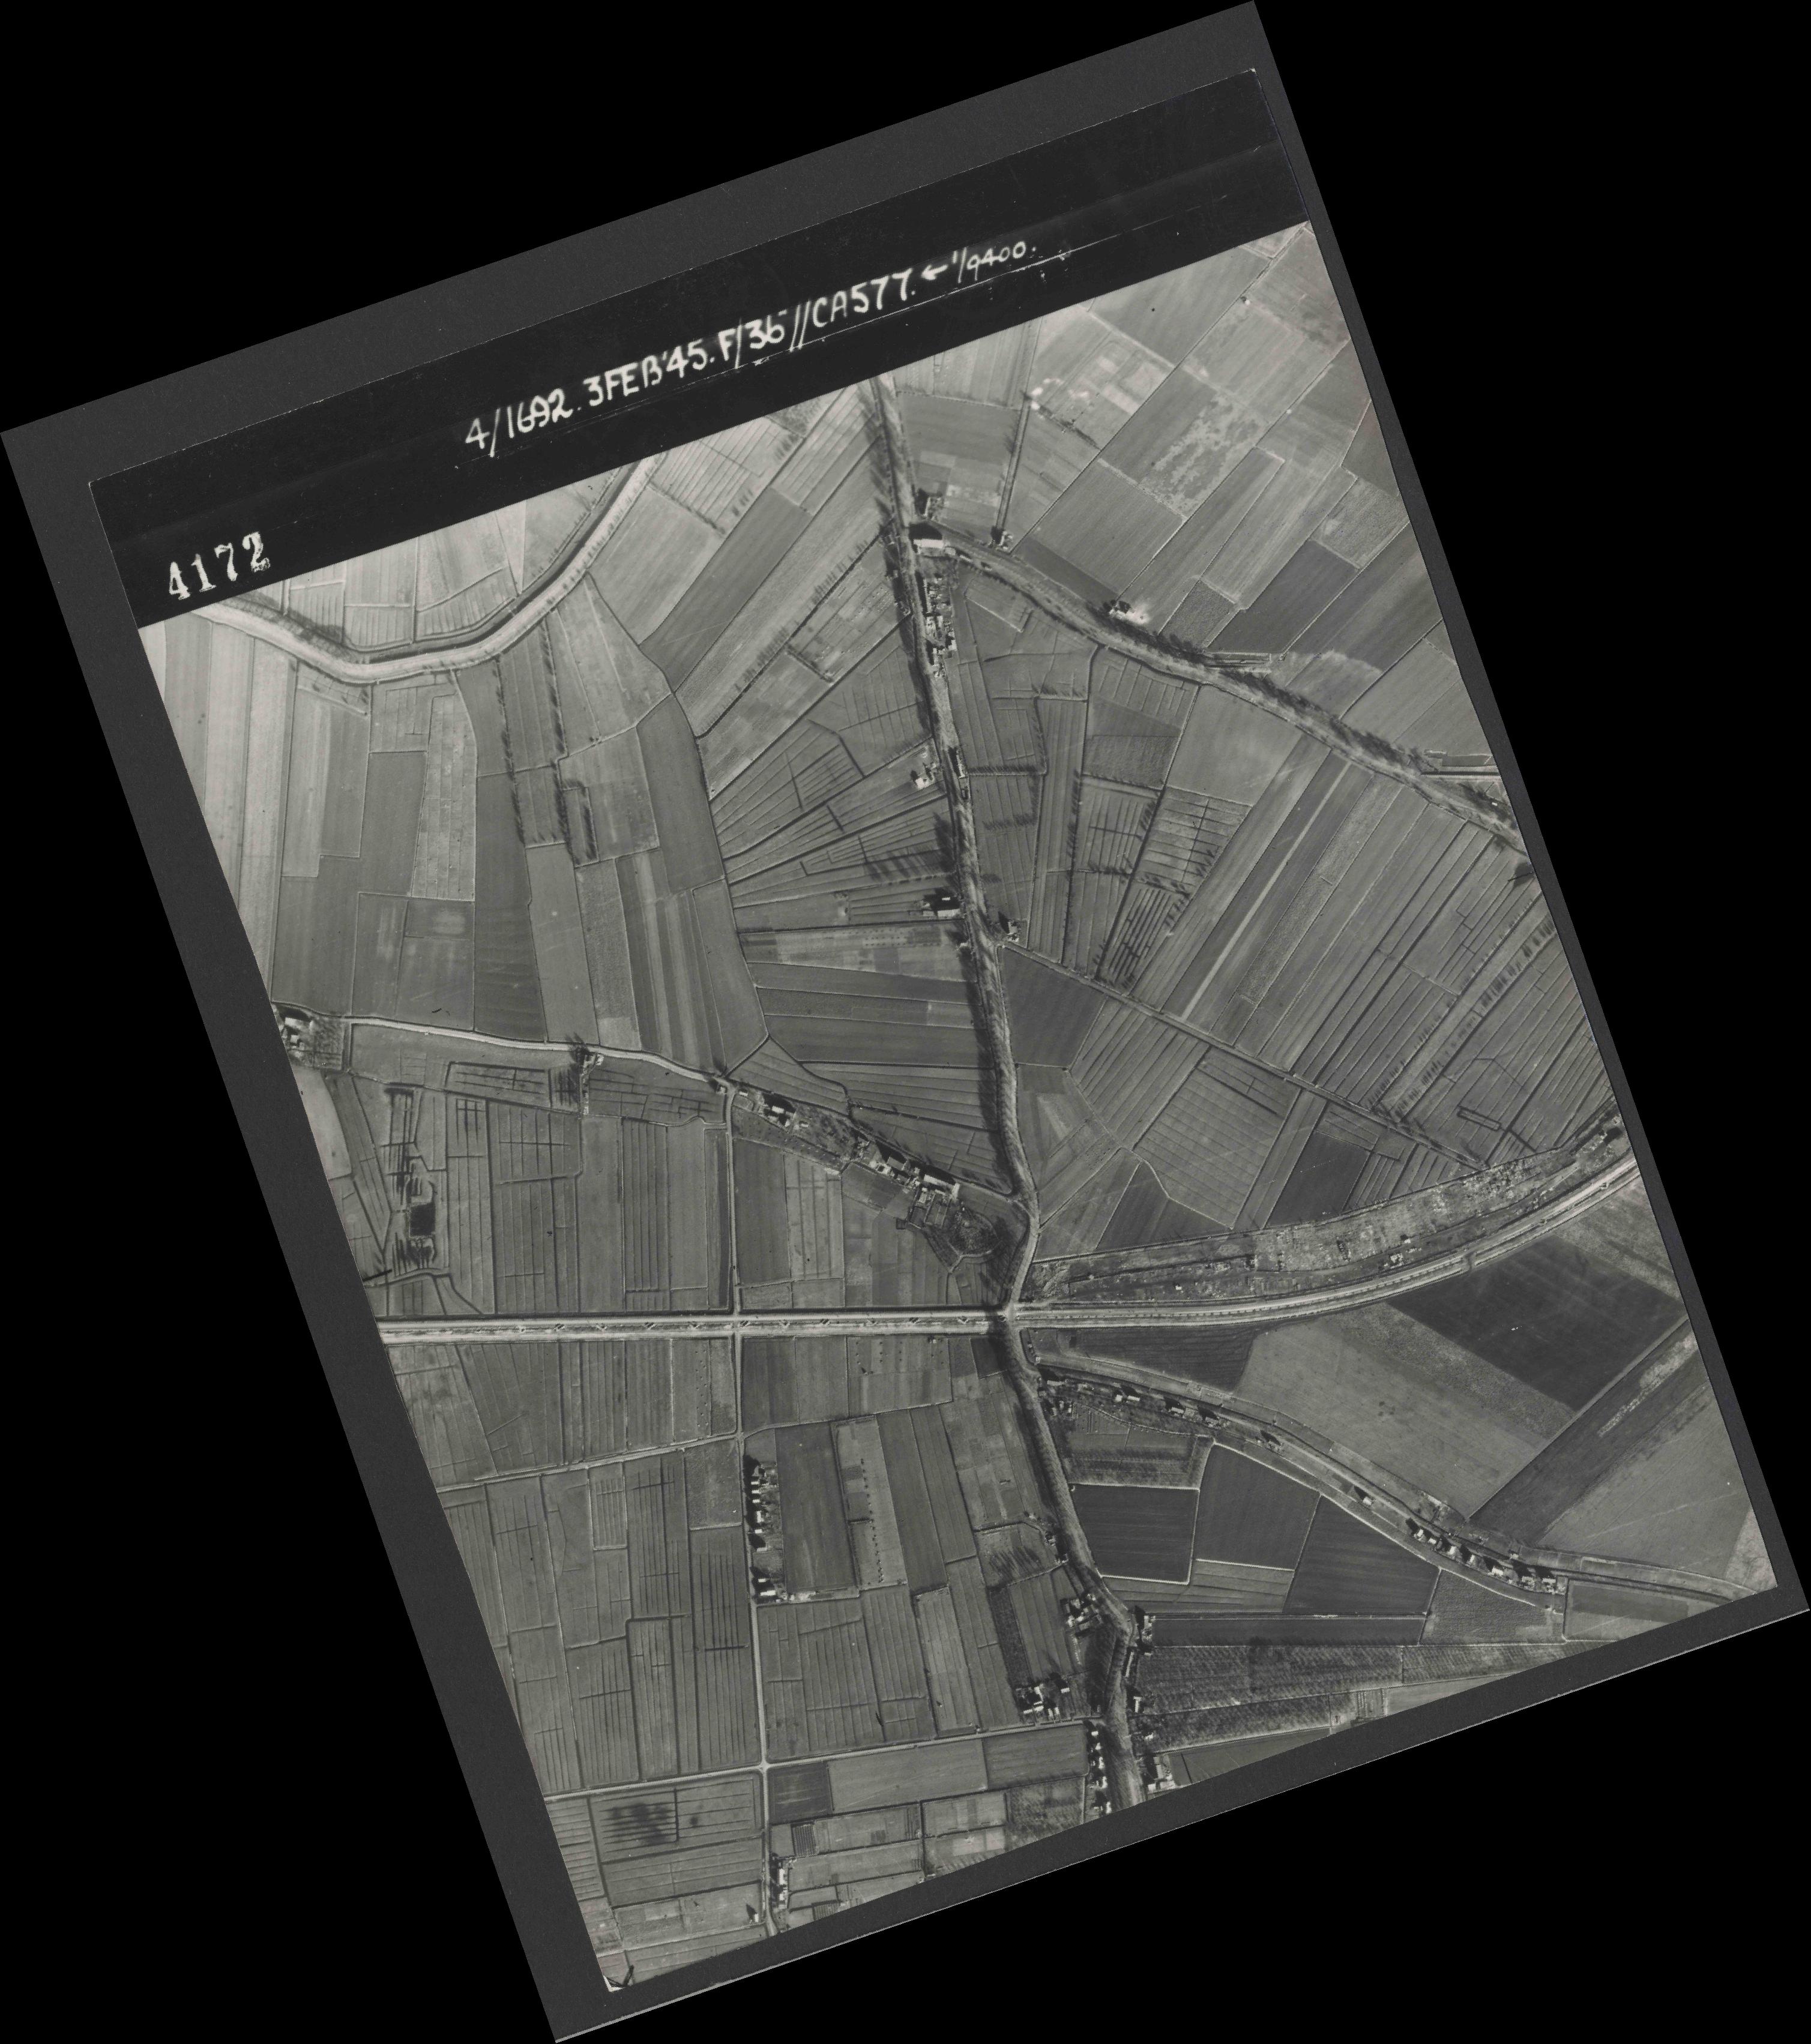 Collection RAF aerial photos 1940-1945 - flight 048, run 02, photo 4172